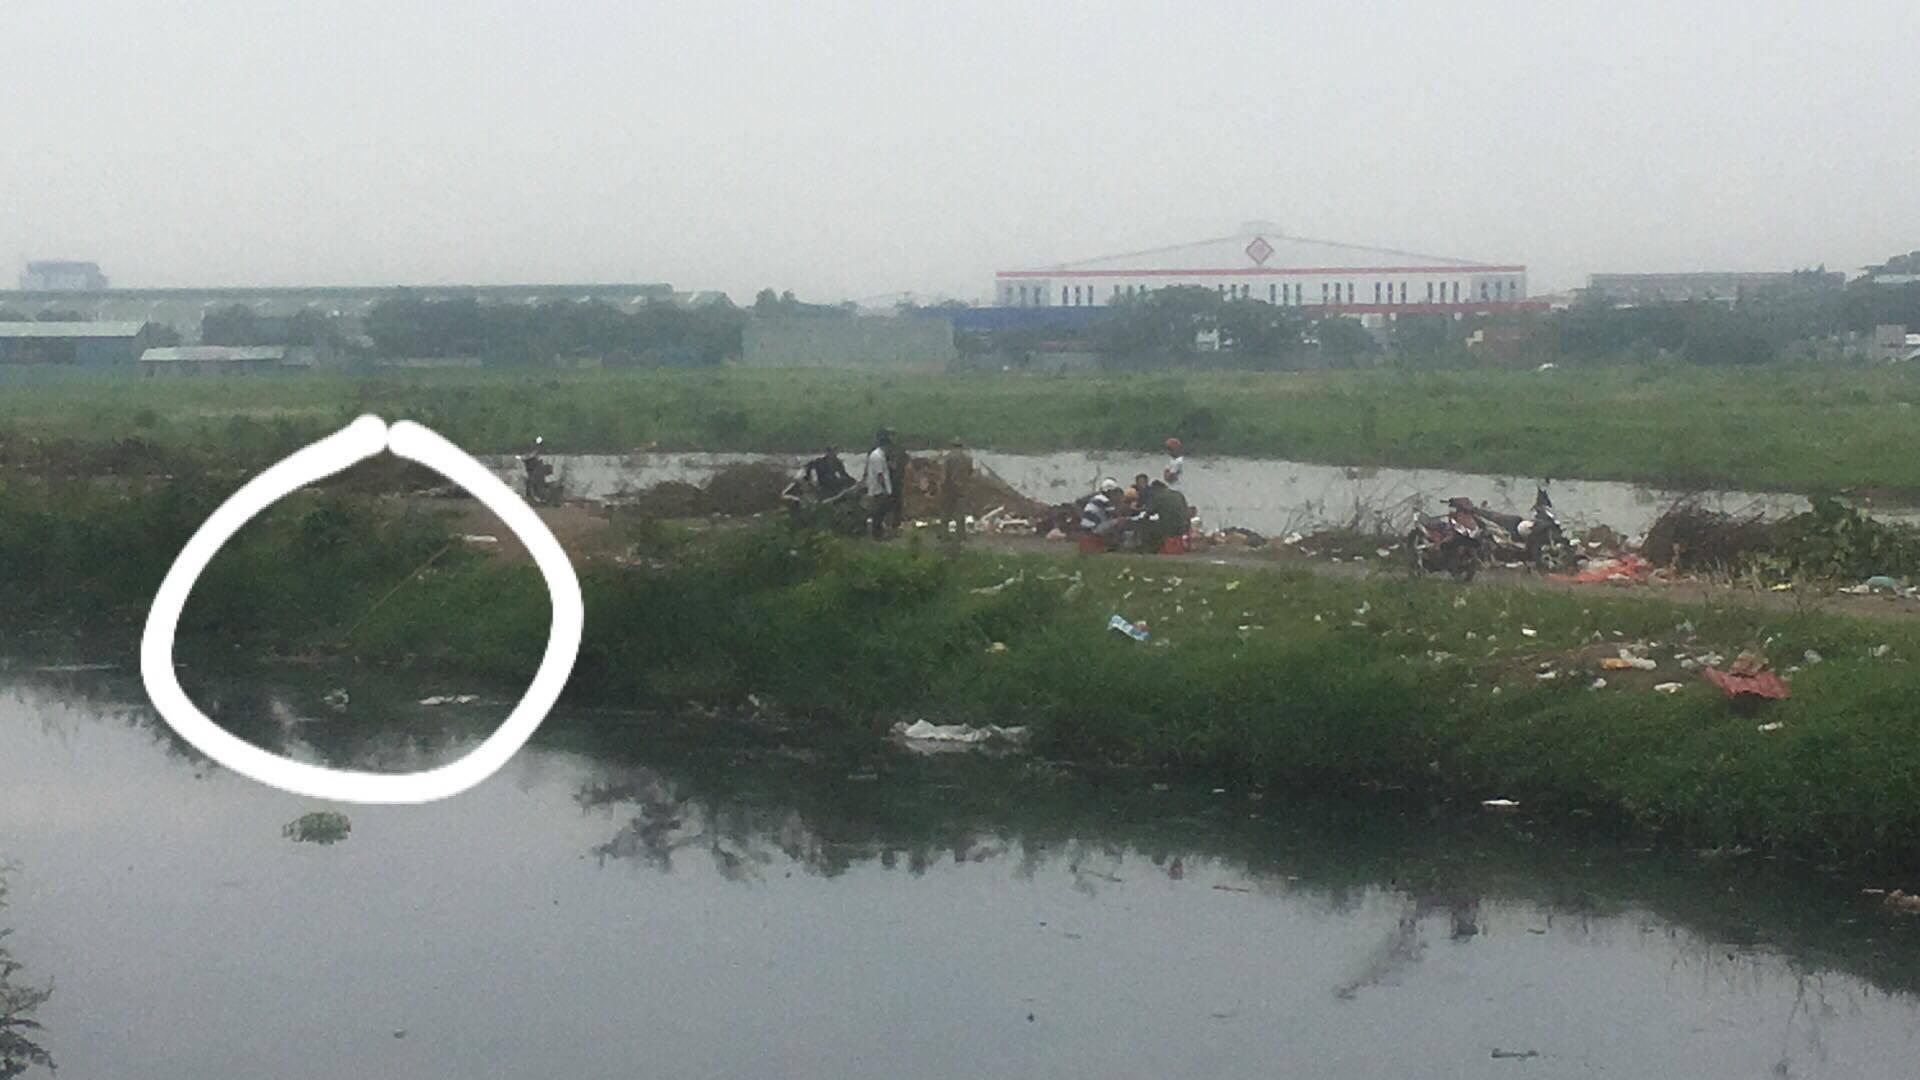 Tá hỏa phát hiện xác người nổi trên bờ kênh ở Sài Gòn